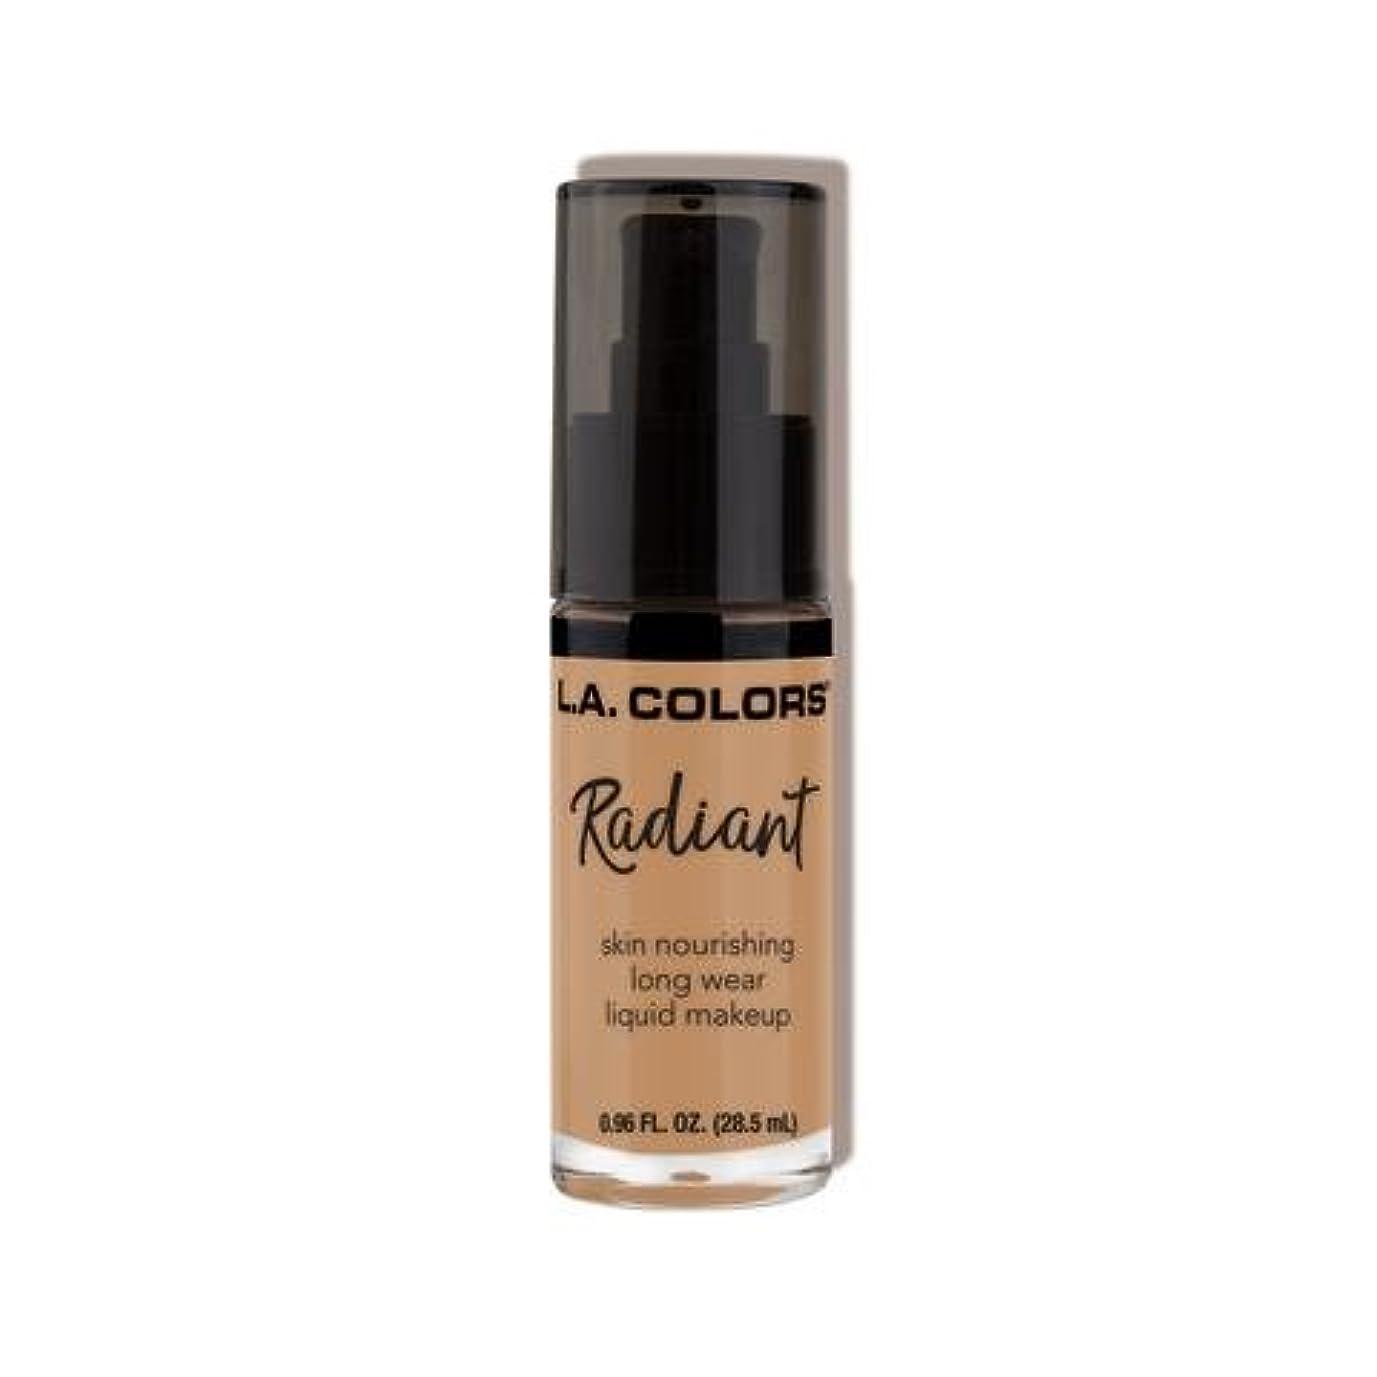 輪郭モットー侵略(3 Pack) L.A. COLORS Radiant Liquid Makeup - Light Toffee (並行輸入品)